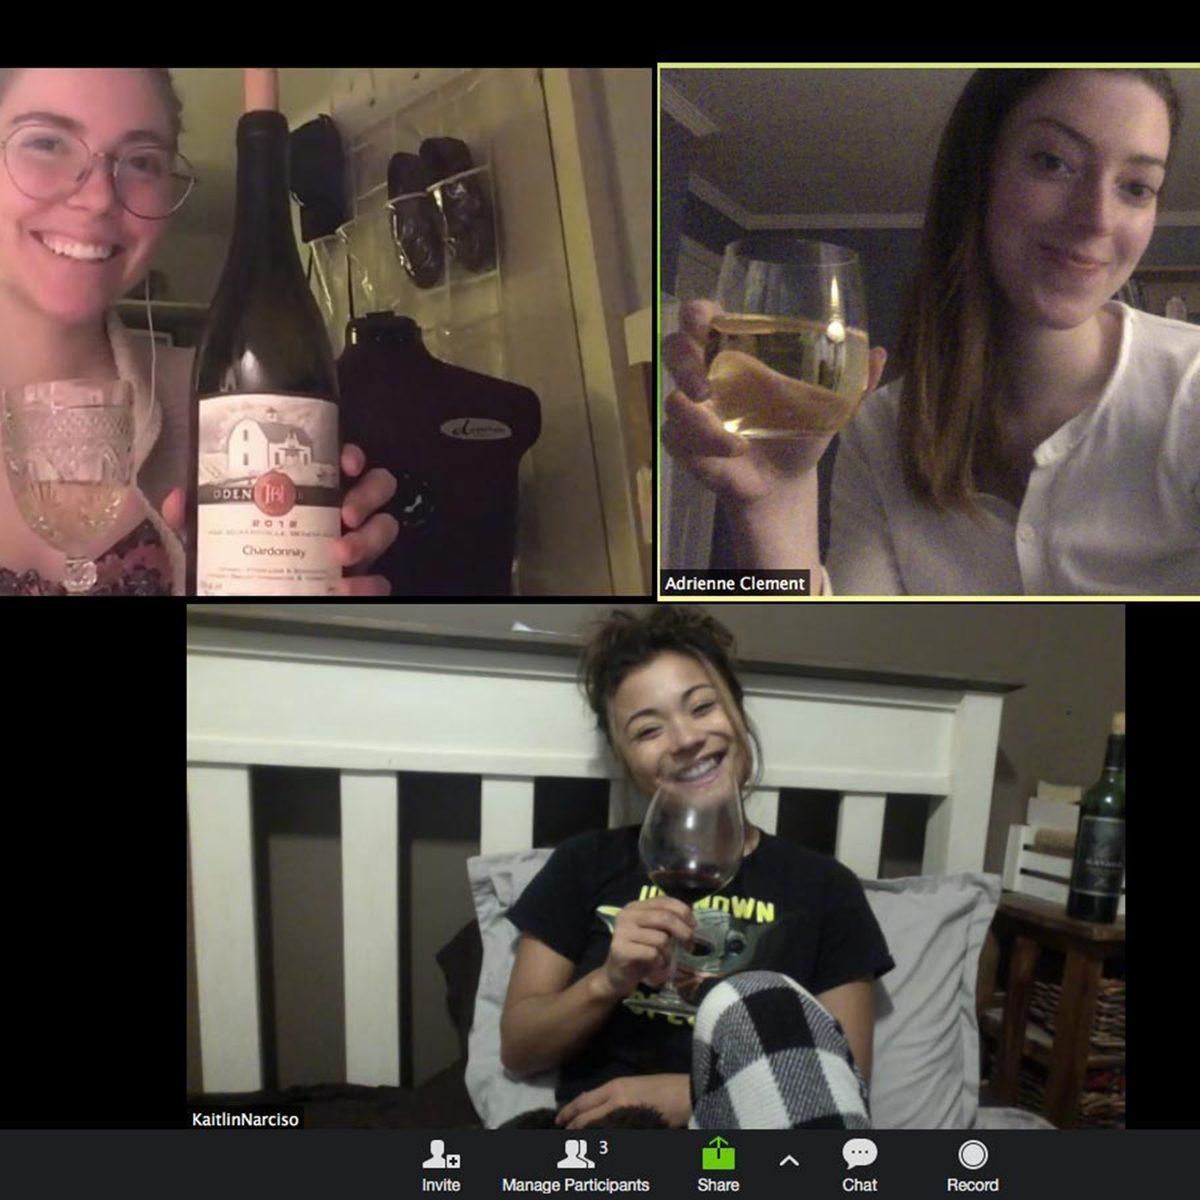 Three girls virtually sharing wine